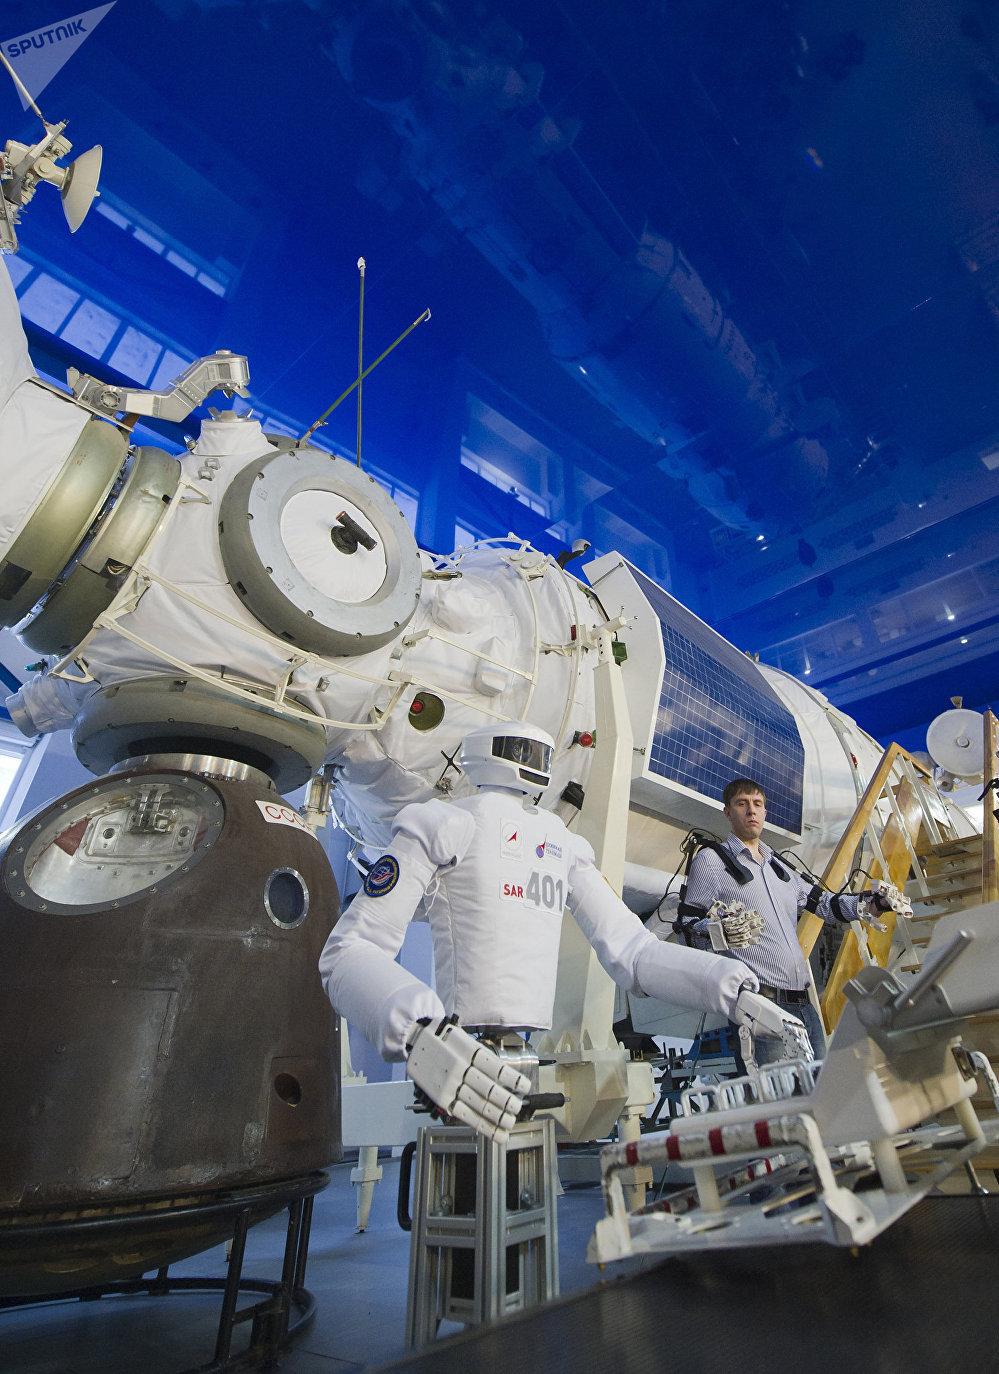 نموذج محطة الفضاء مير